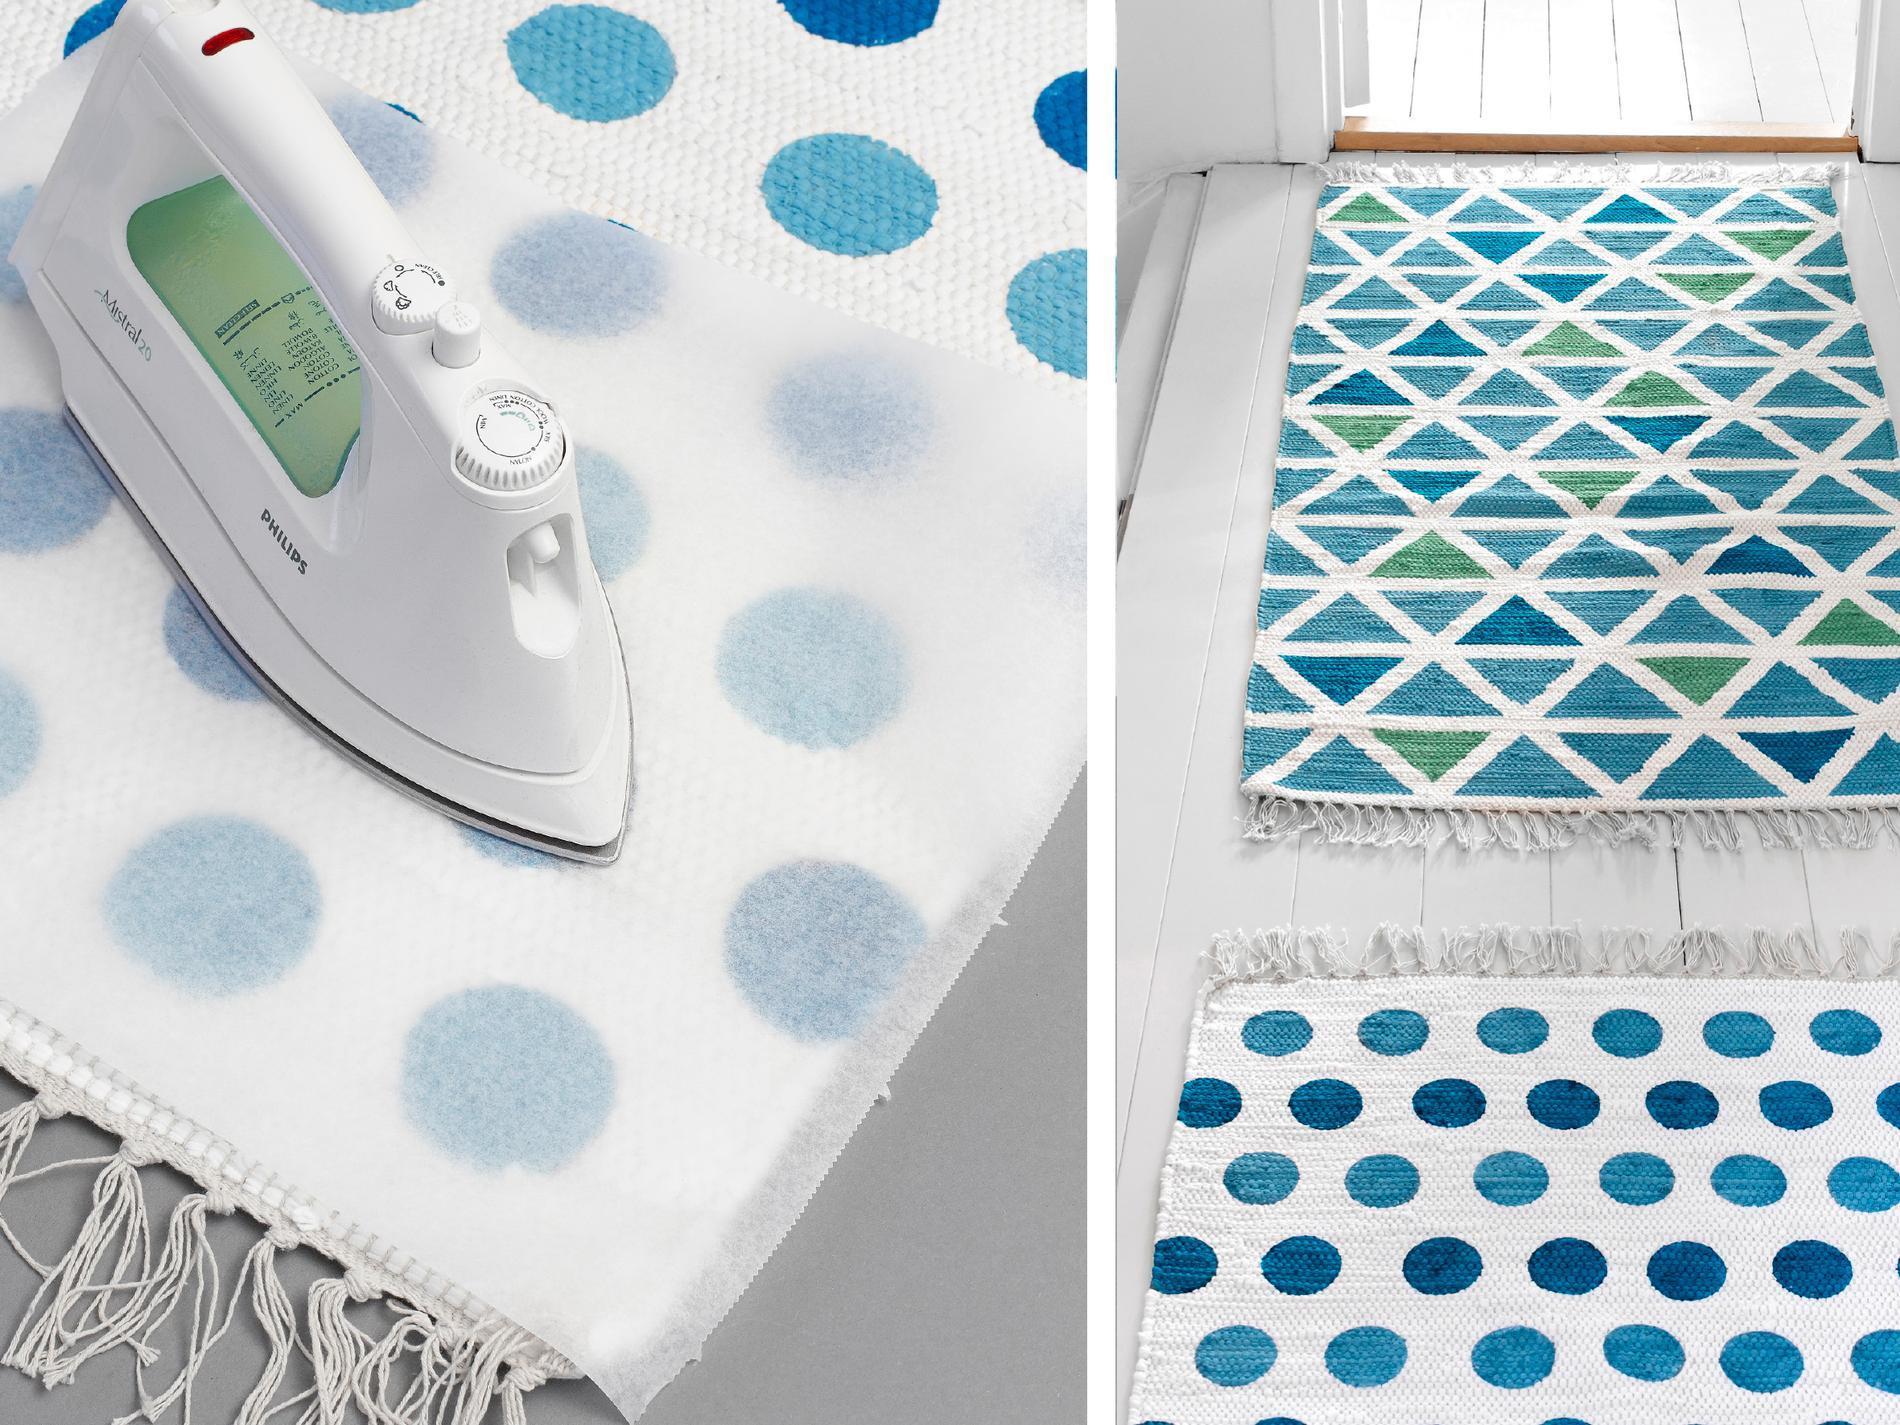 Glöm inte att strykfixera. Sätt strykjärnet på högsta värme och stäng av ångan. Placera bakplåtspapper ovanpå mattan och stryk över färgen i cirka 5 minuter. Eller följ instruktionerna på just din textilfärg. Efter strykning tål mattan tvätt i 40 grader.